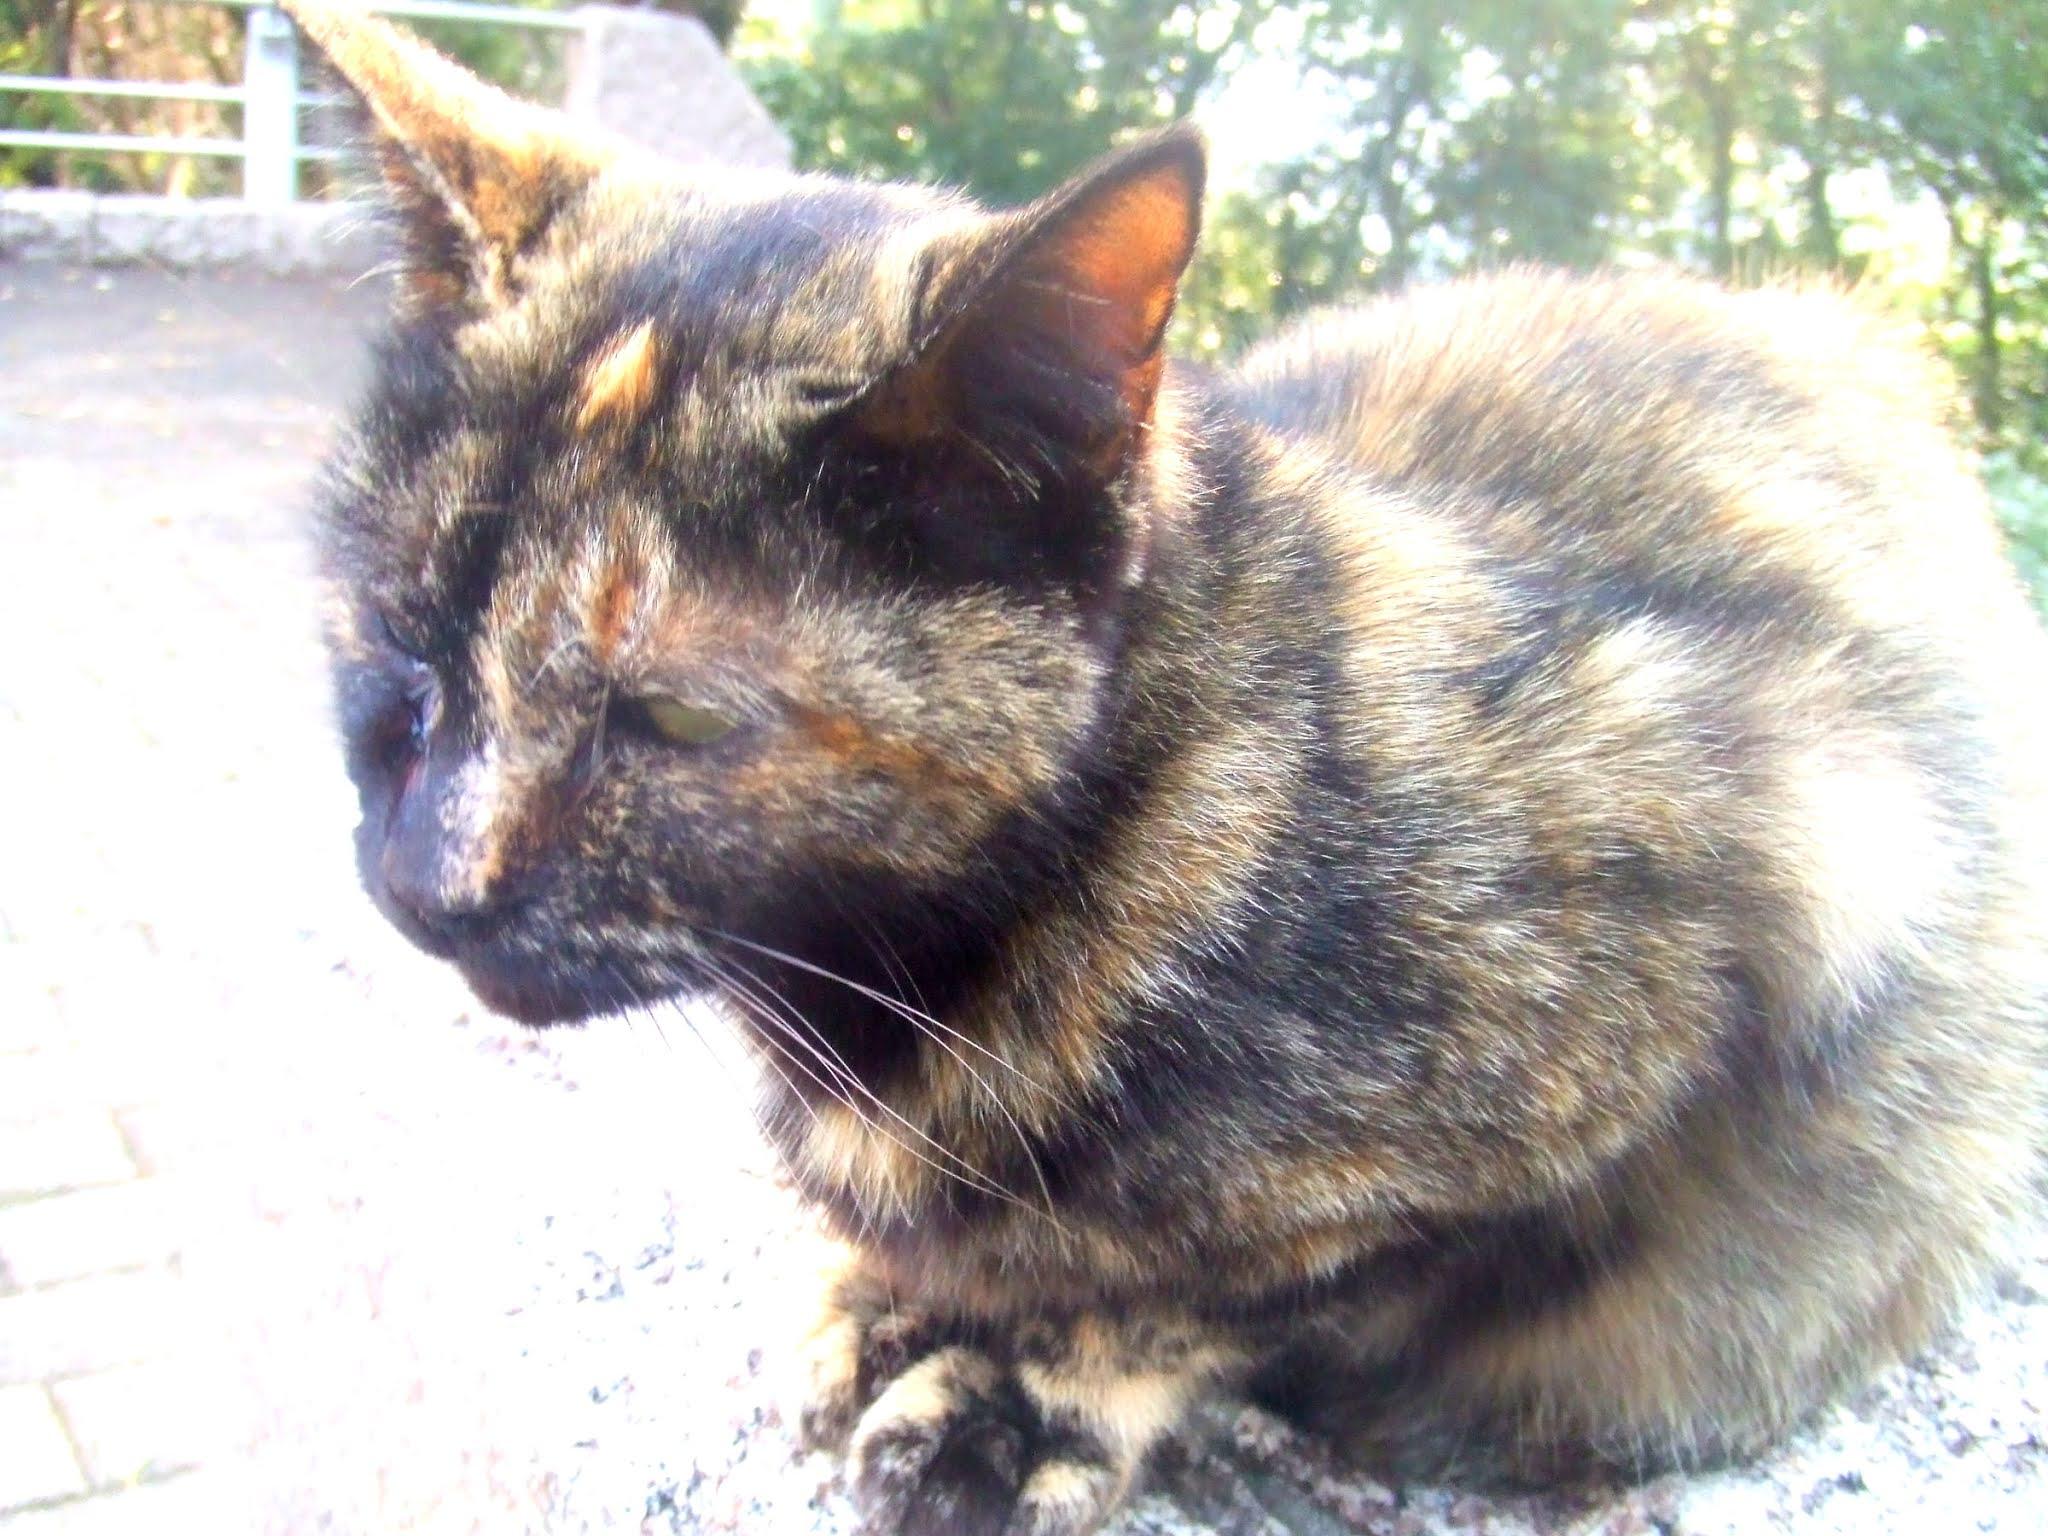 猫さんの全体の写真です。可愛いお顔のサビ猫さん。猫ブログなどにどうでしょう。